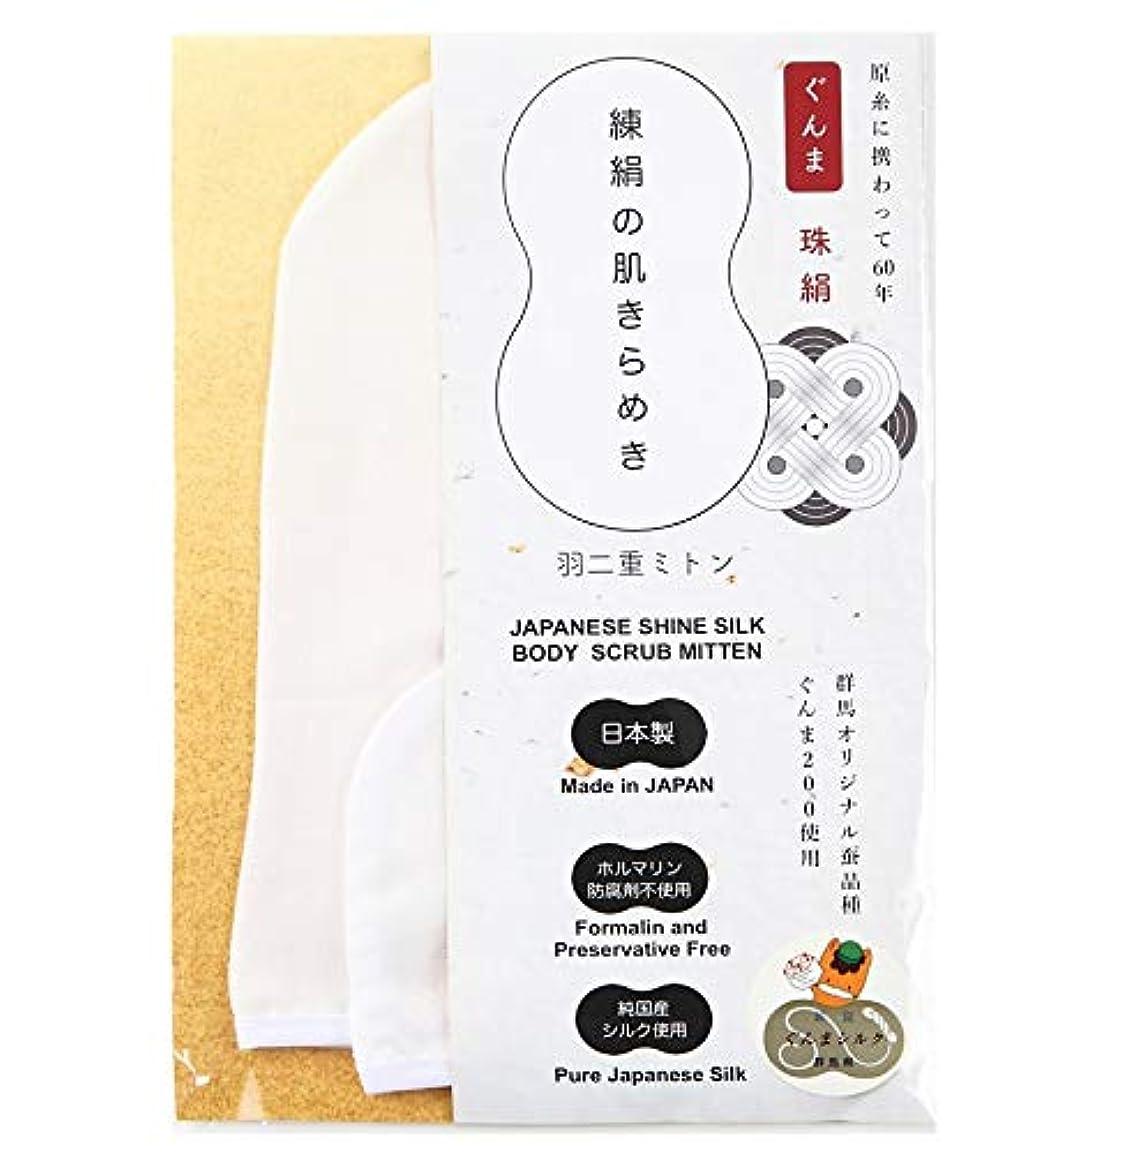 インセンティブ市の中心部ラフくーる&ほっと シルクあかすりミトン 純国産絹100%「珠絹(たまぎぬ) 練絹の肌きらめき」ぐんまシルク (群馬県内で一貫製造) 日本製 シルクプロテイン?フィブロインの力で角質ケアボディスクラブミトン 大小セット 羽二重ミトン